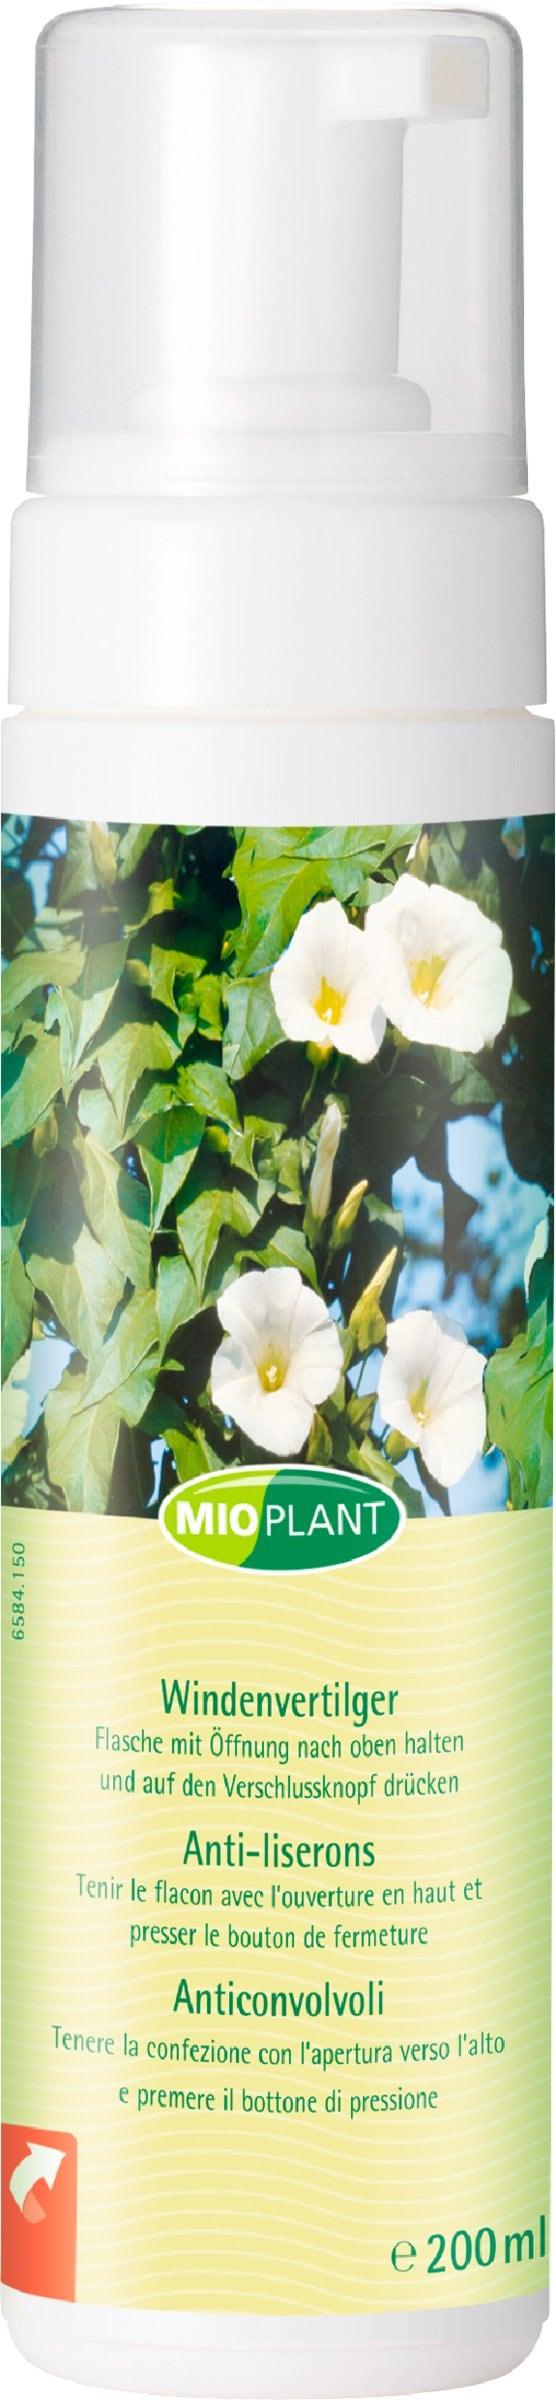 Mioplant Windenvertilger, 200 ml